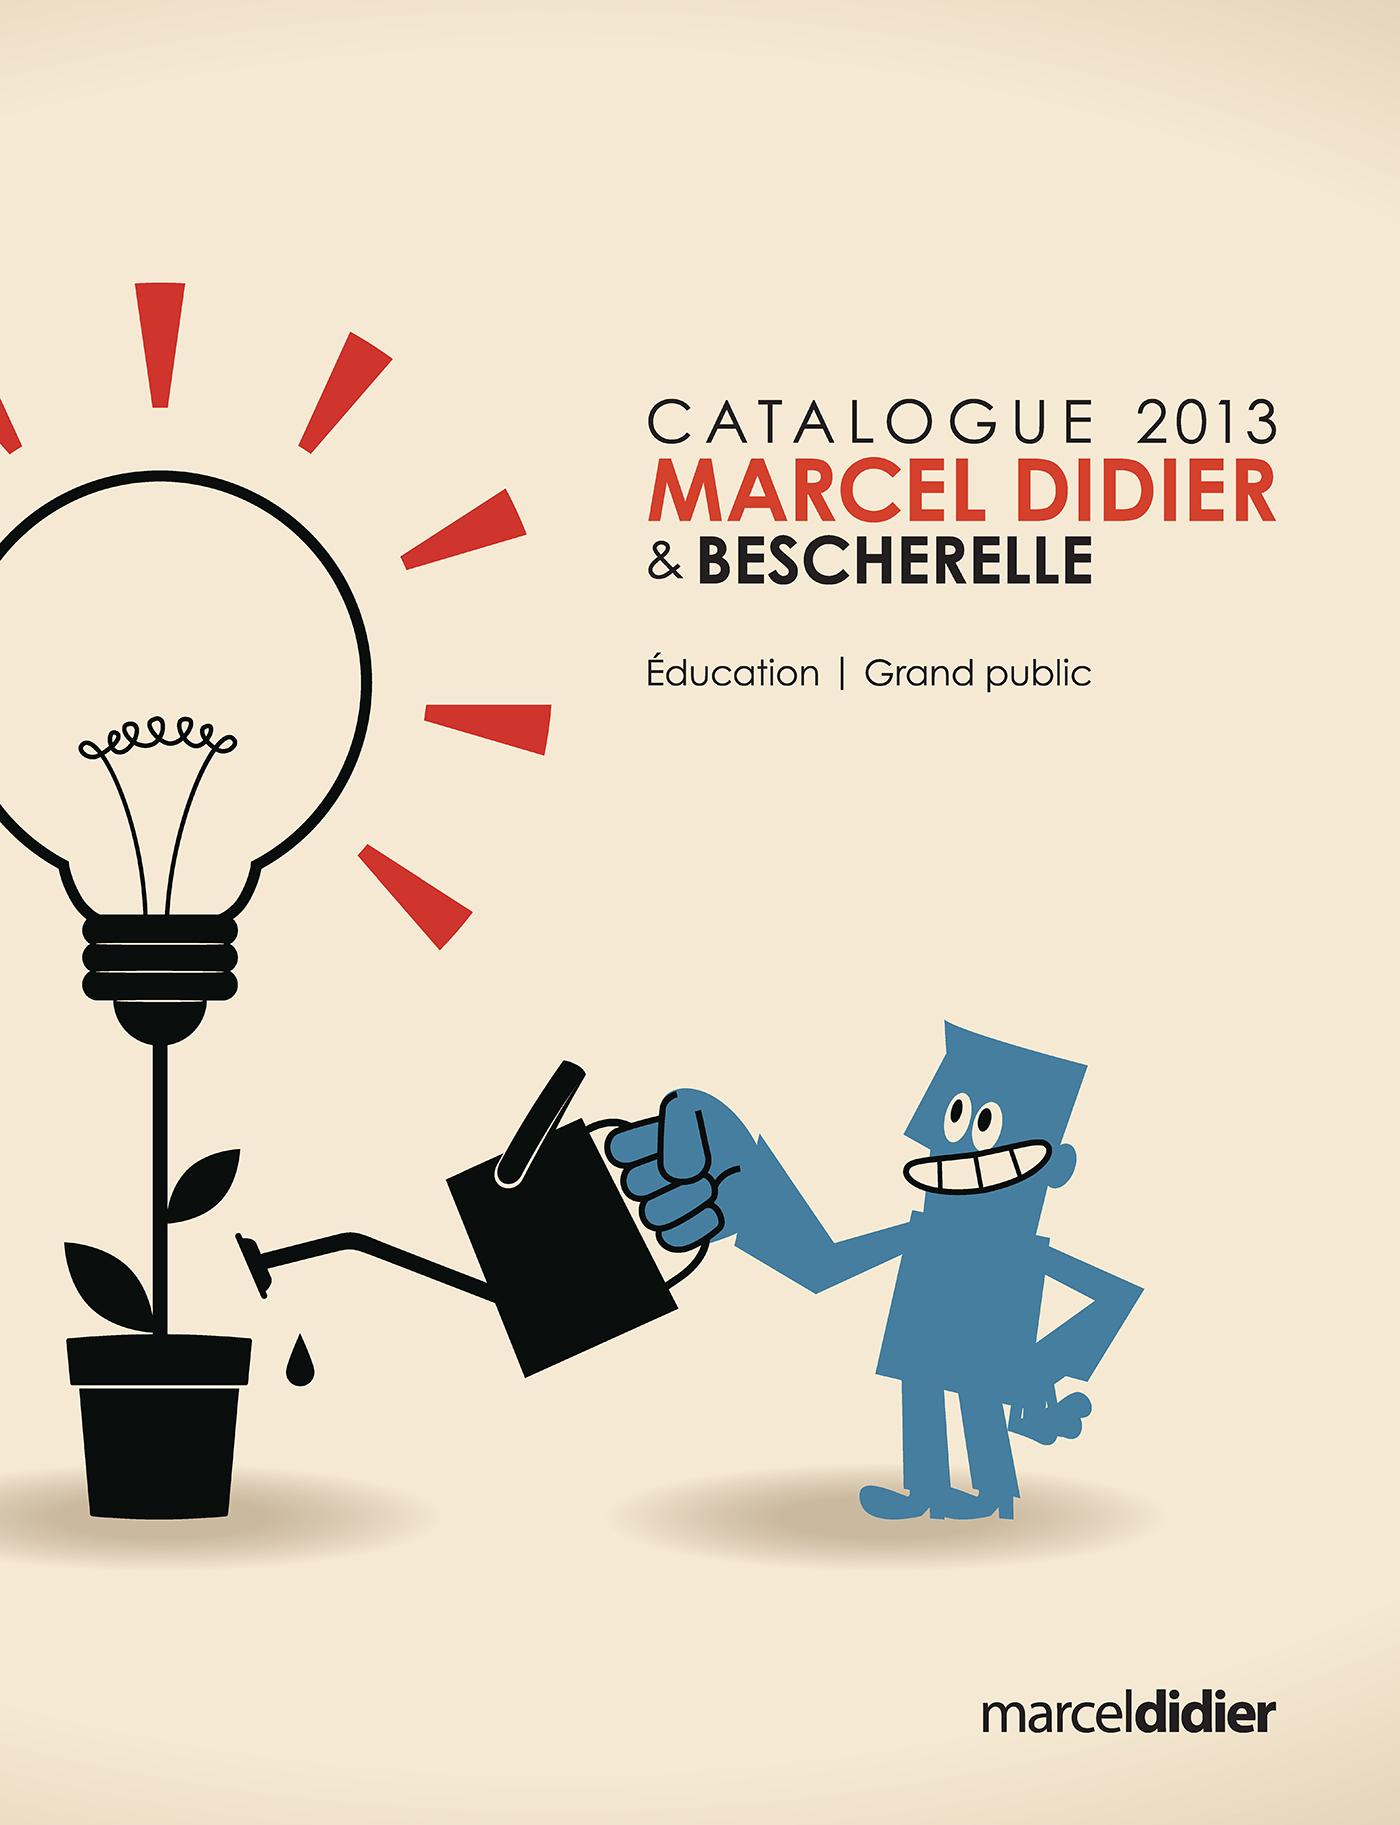 MARCEL DIDIER & BESCHERELLE - CATALOGUE 2013